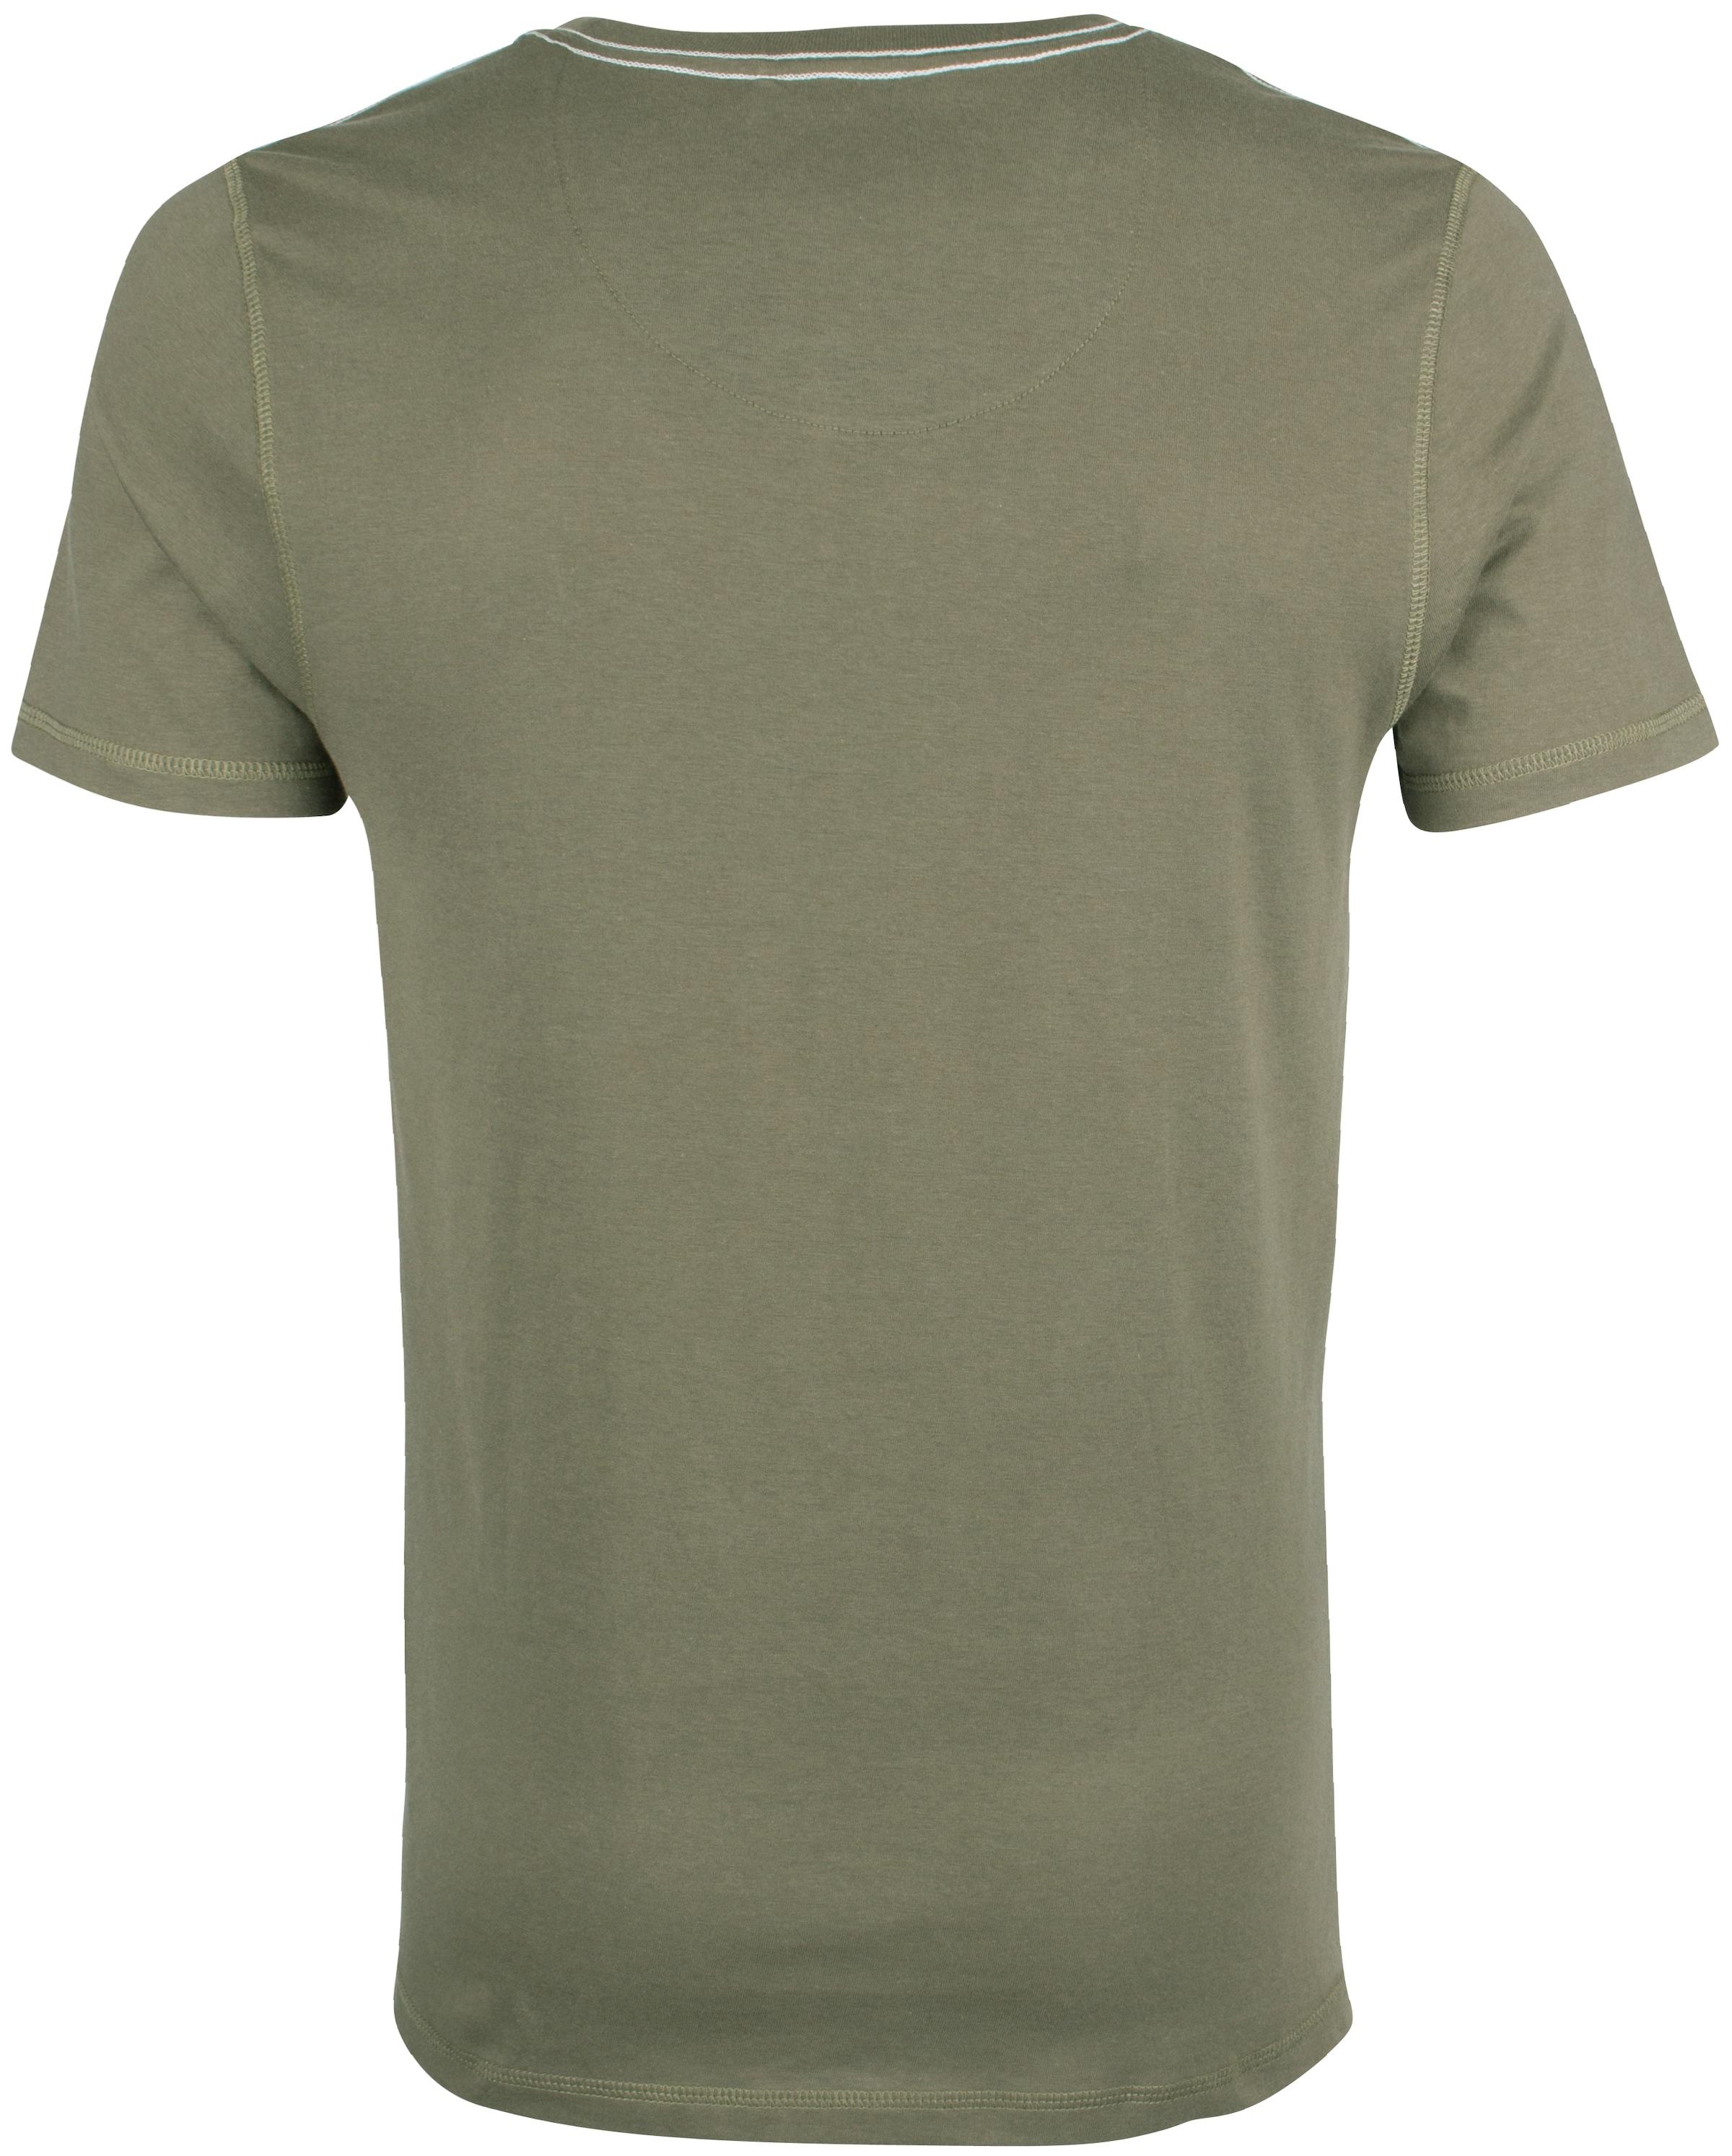 DREIMASTER T-Shirt Rabattgutscheine Online nbmGUSn